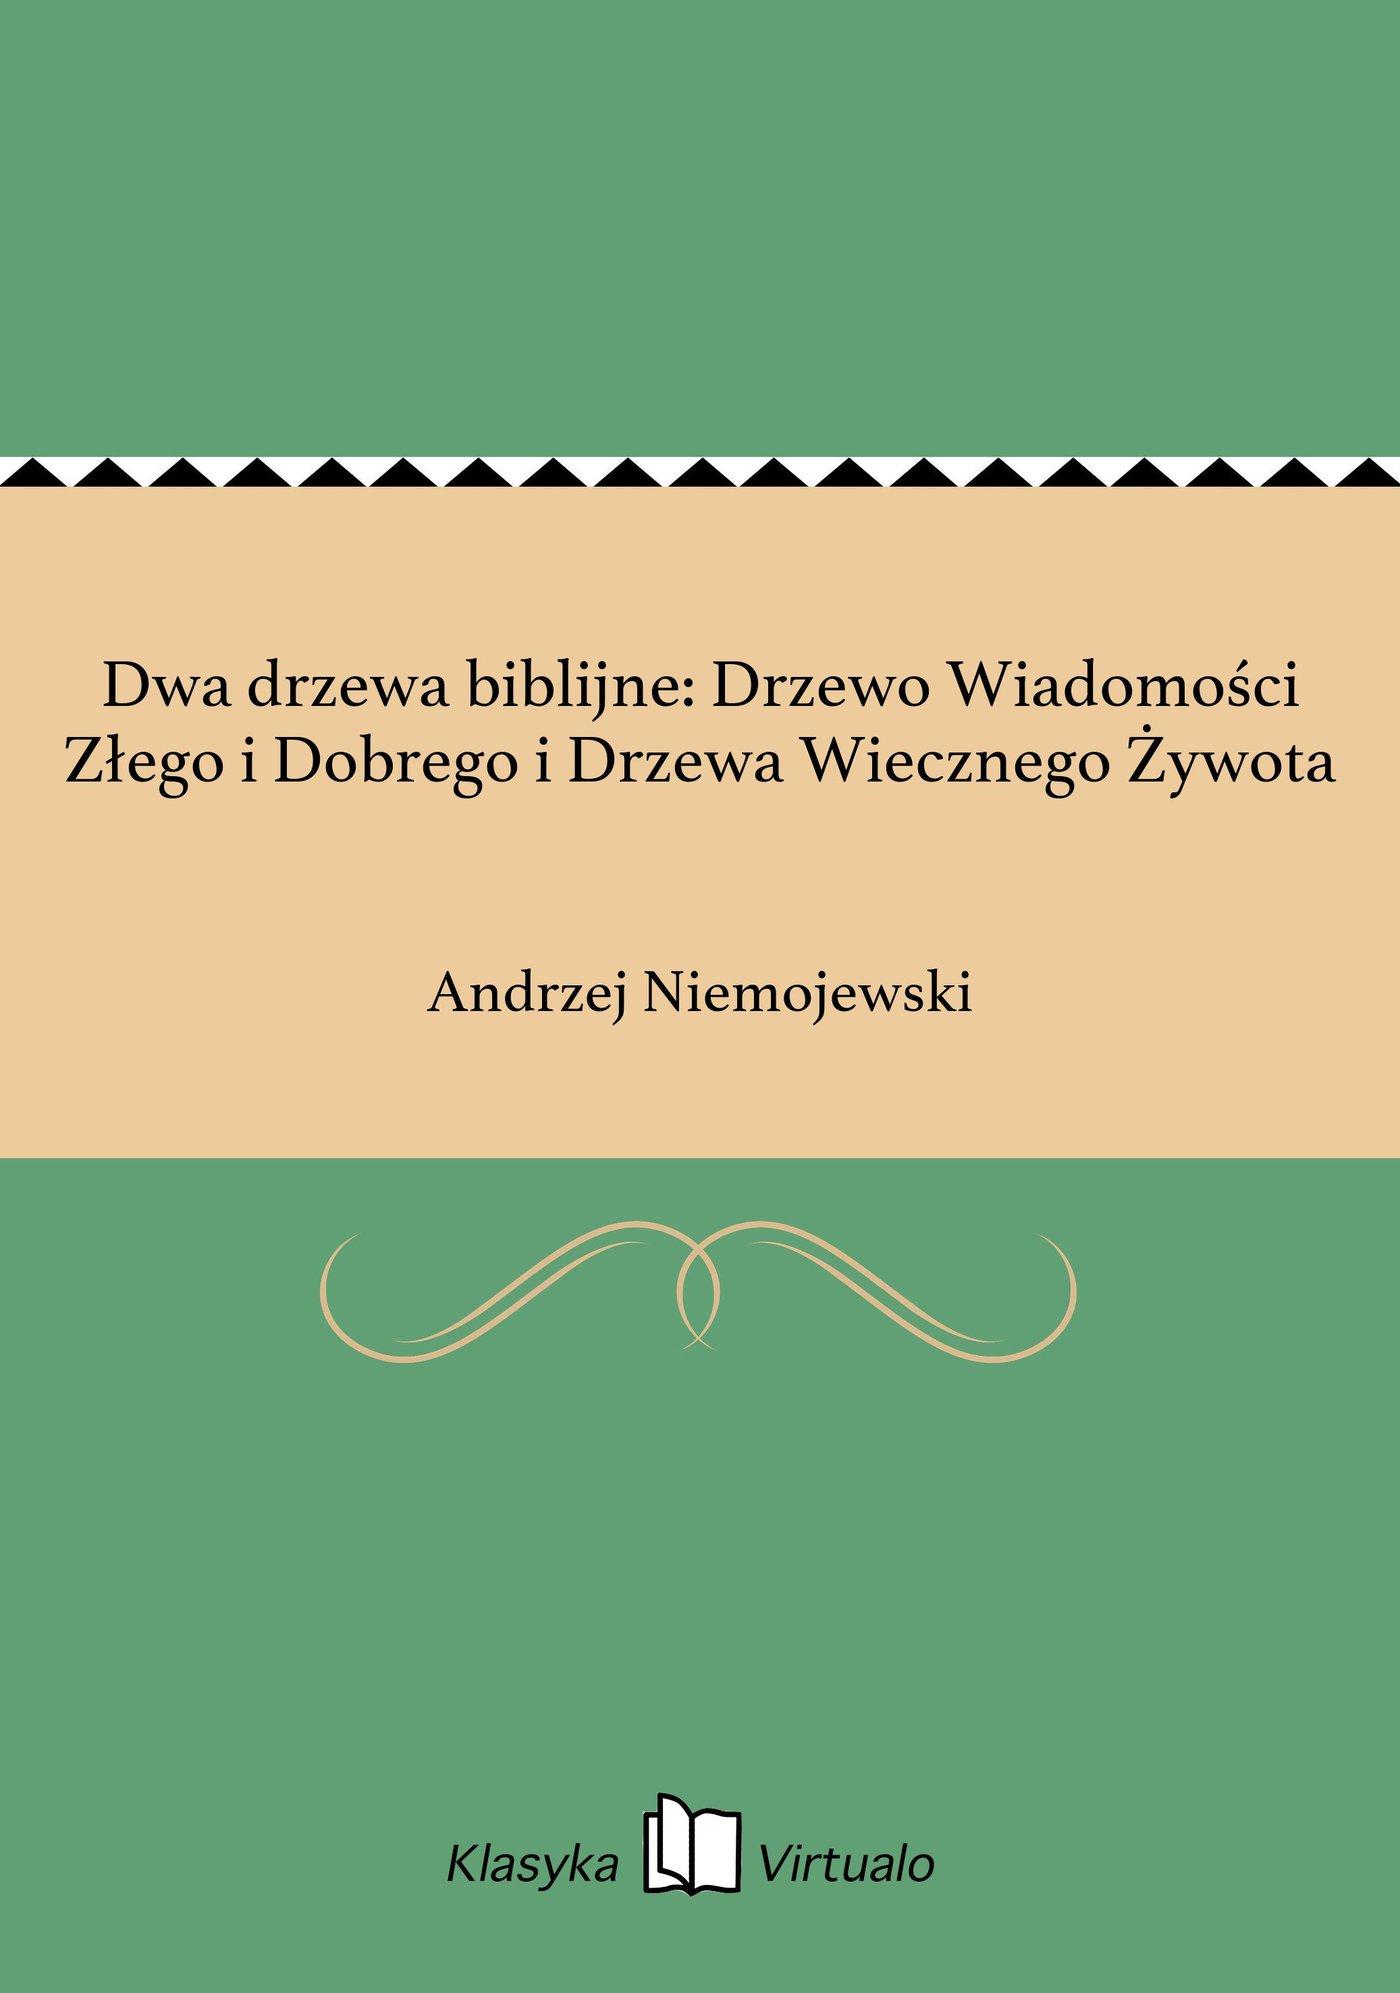 Dwa drzewa biblijne: Drzewo Wiadomości Złego i Dobrego i Drzewa Wiecznego Żywota - Ebook (Książka na Kindle) do pobrania w formacie MOBI